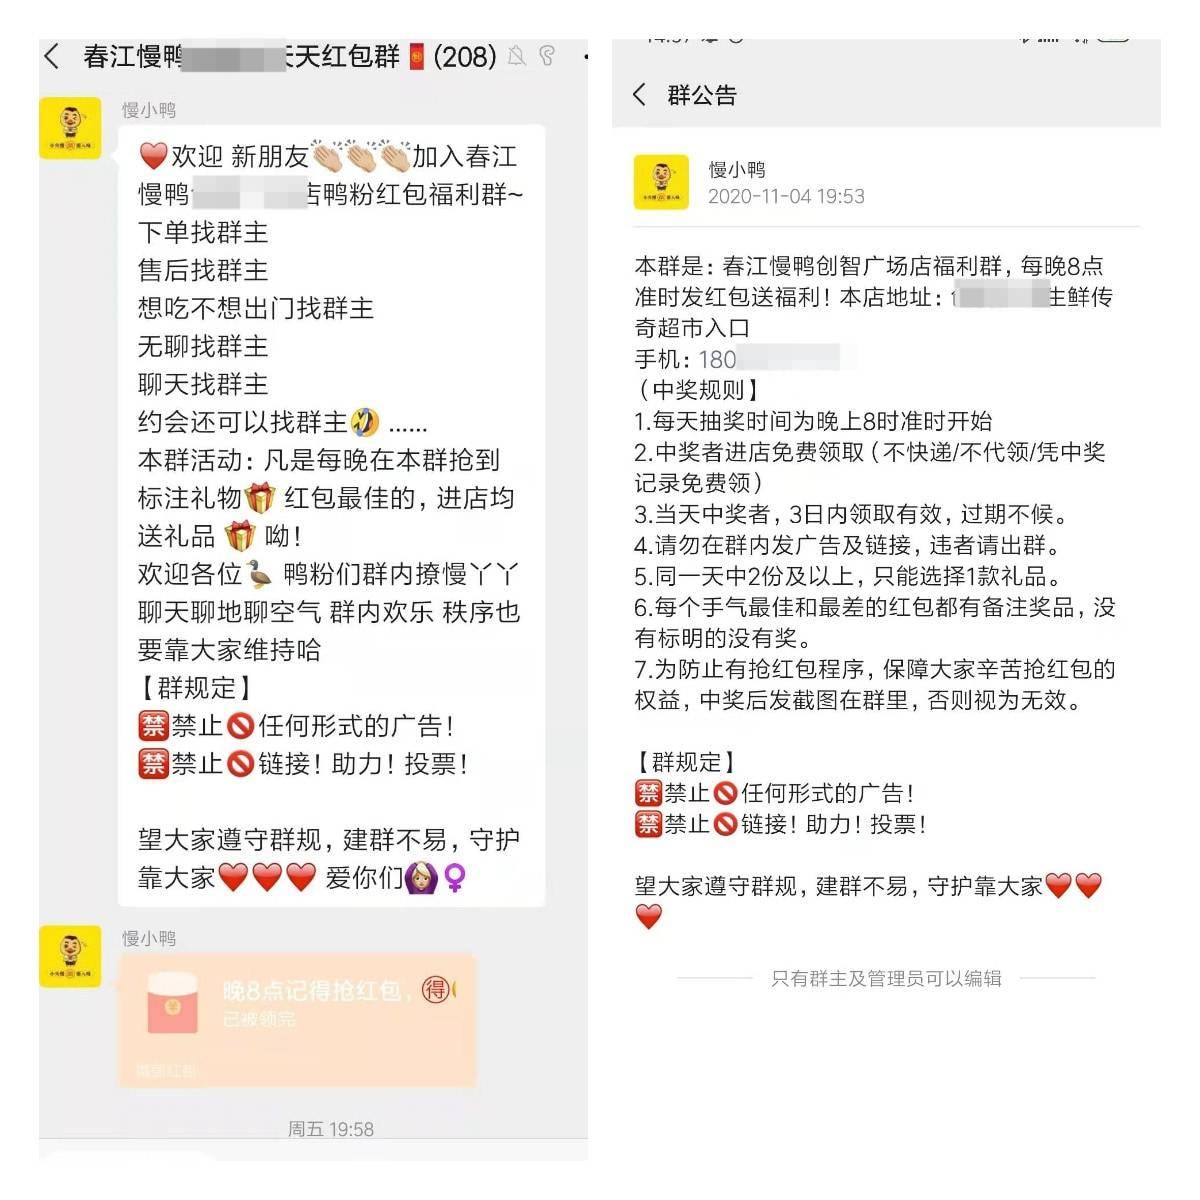 亚洲AV无码专区首页,用户运营,Nicole,微信群,案例分析,社群运营,社群,用户运营